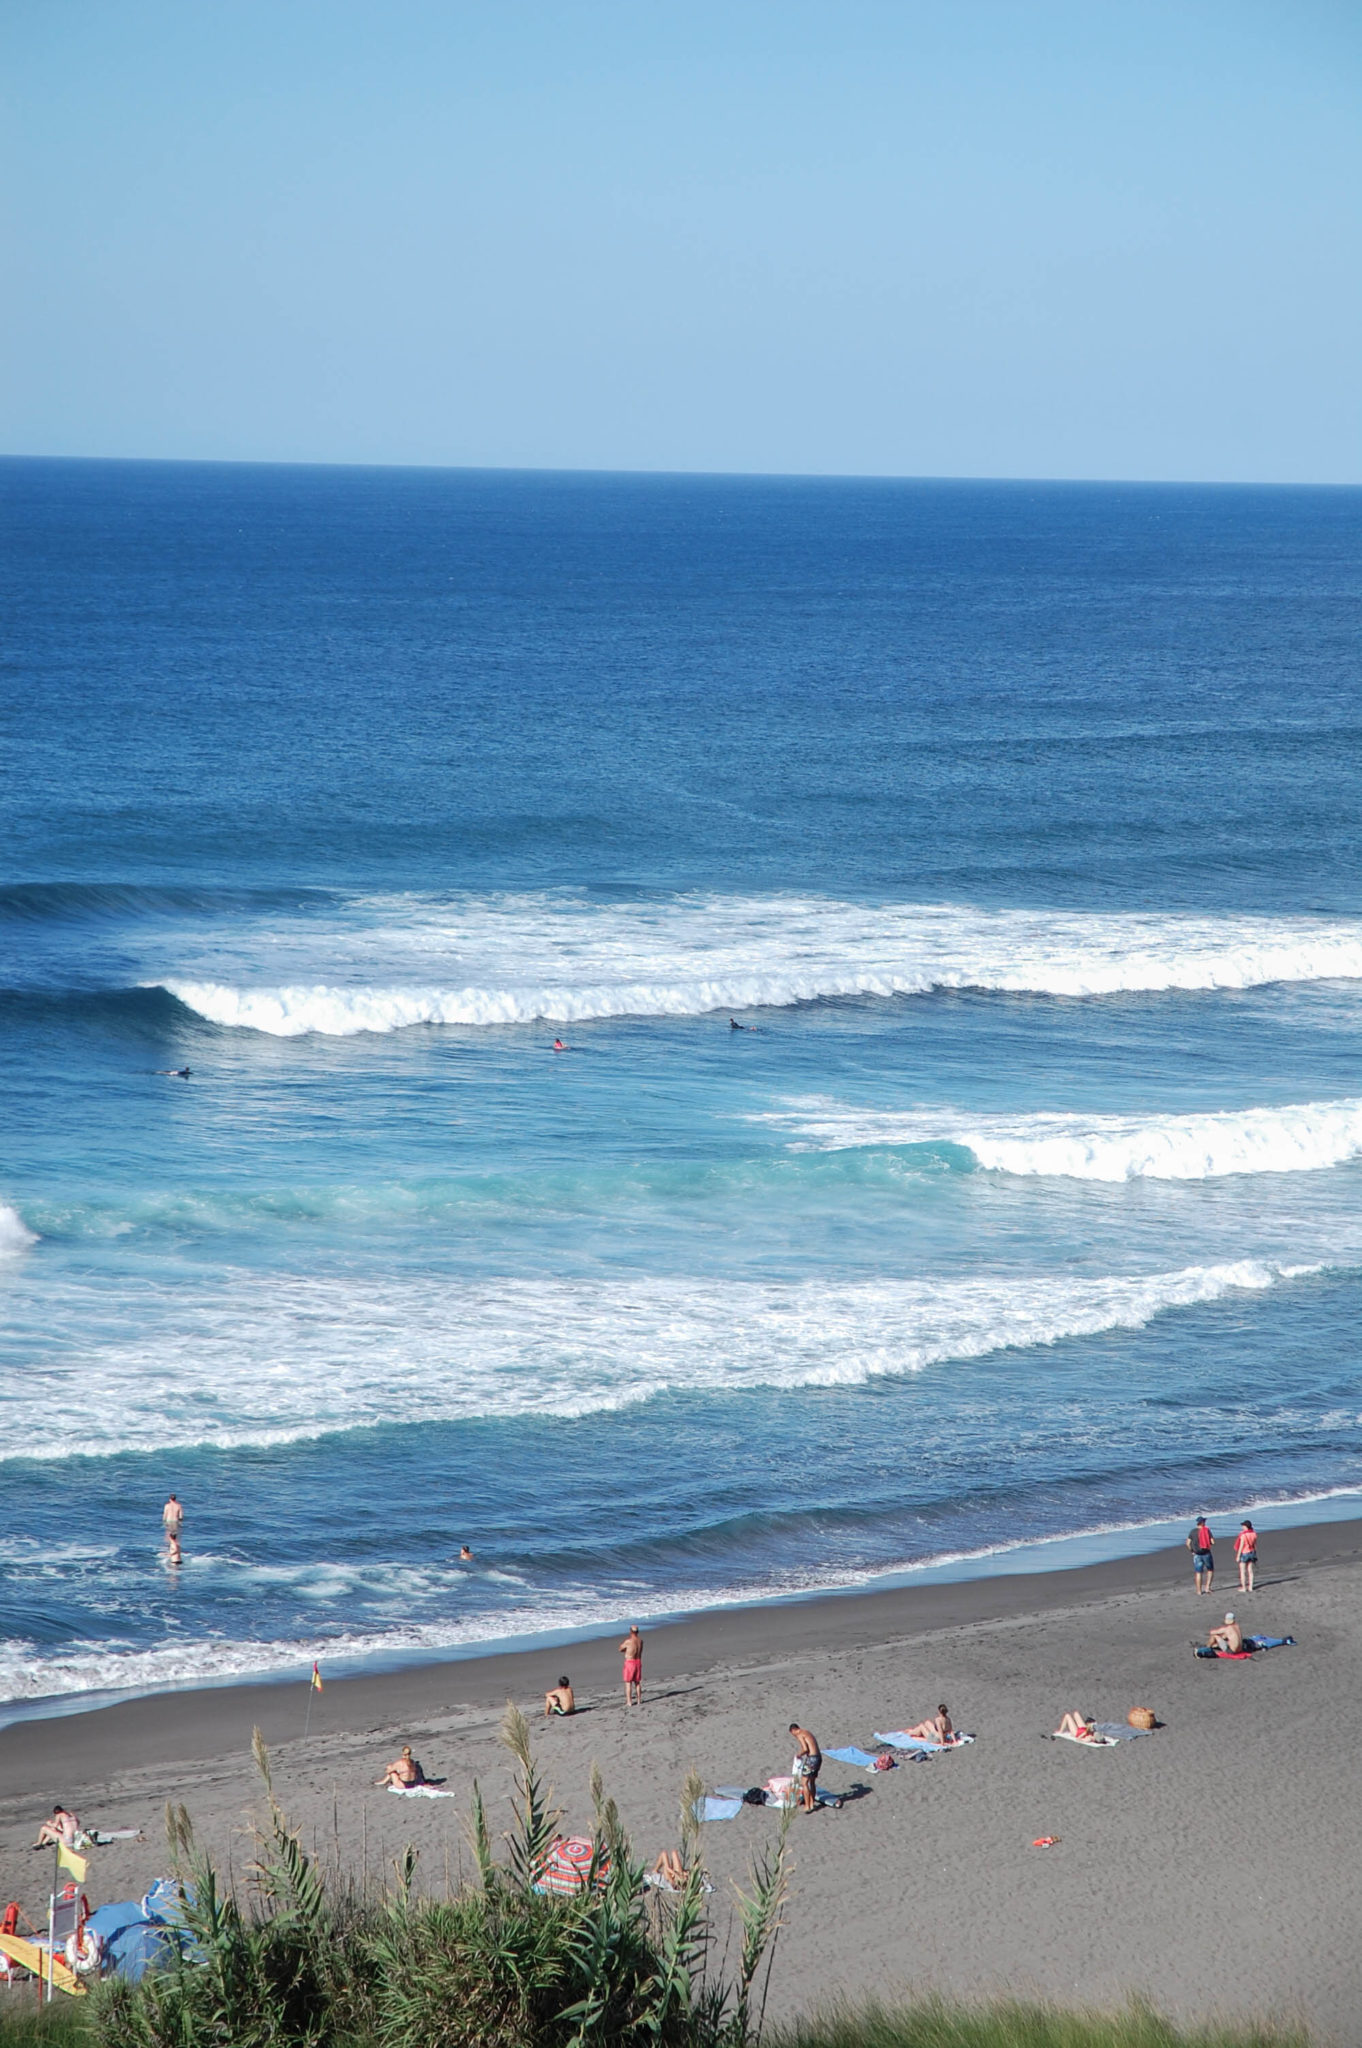 Unbekanntes Reiseziel in Europa: die Azoren